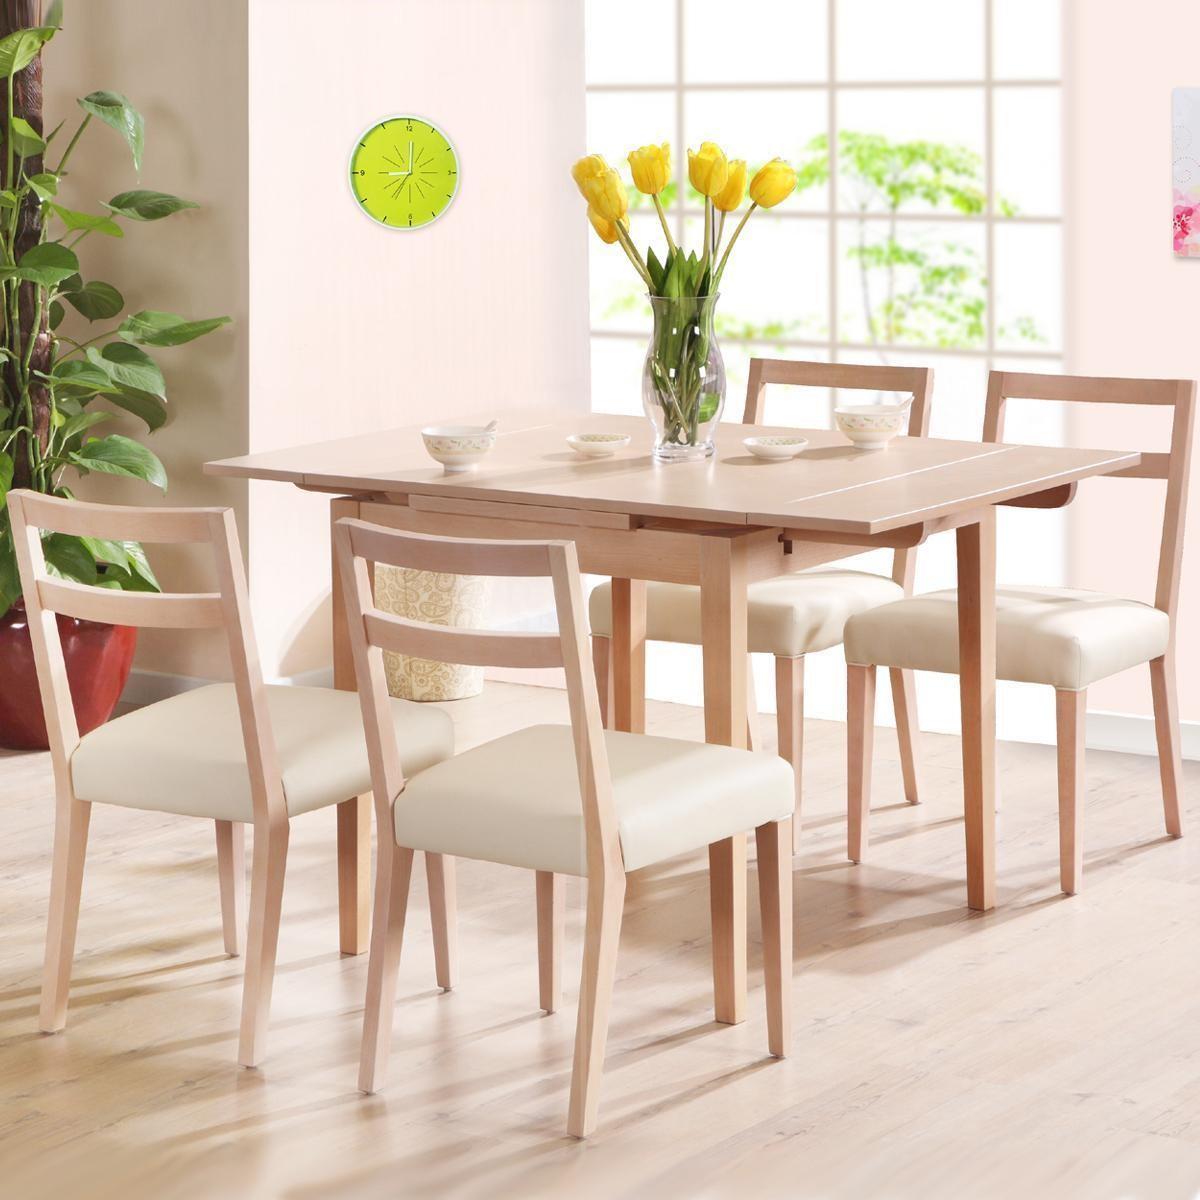 Gắn kết gia đình yêu thương bằng những mẫu ghế ăn hiện đại và sang trọng